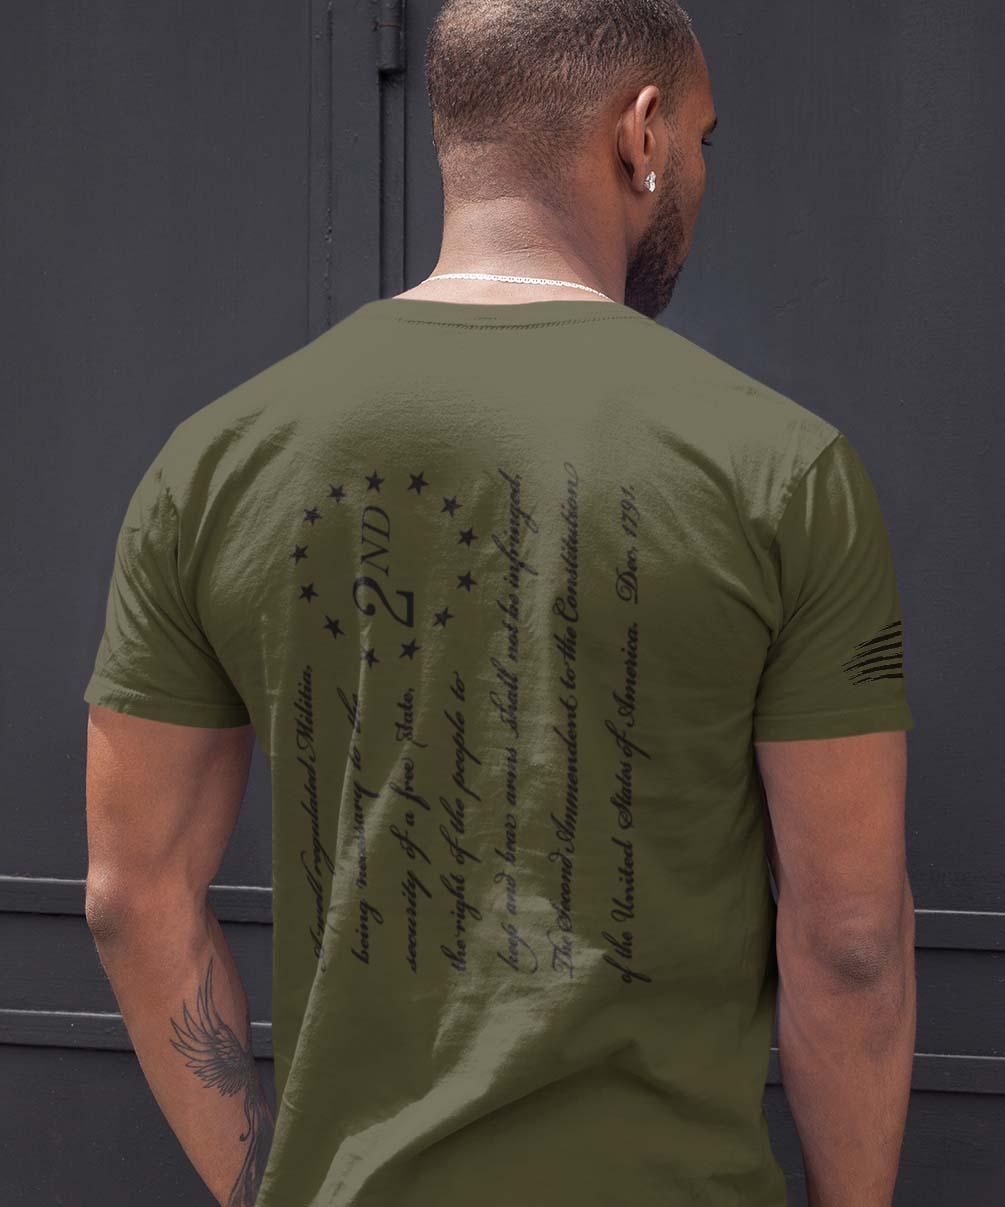 t-shirt - 2nd Amendment on back - men's - Army